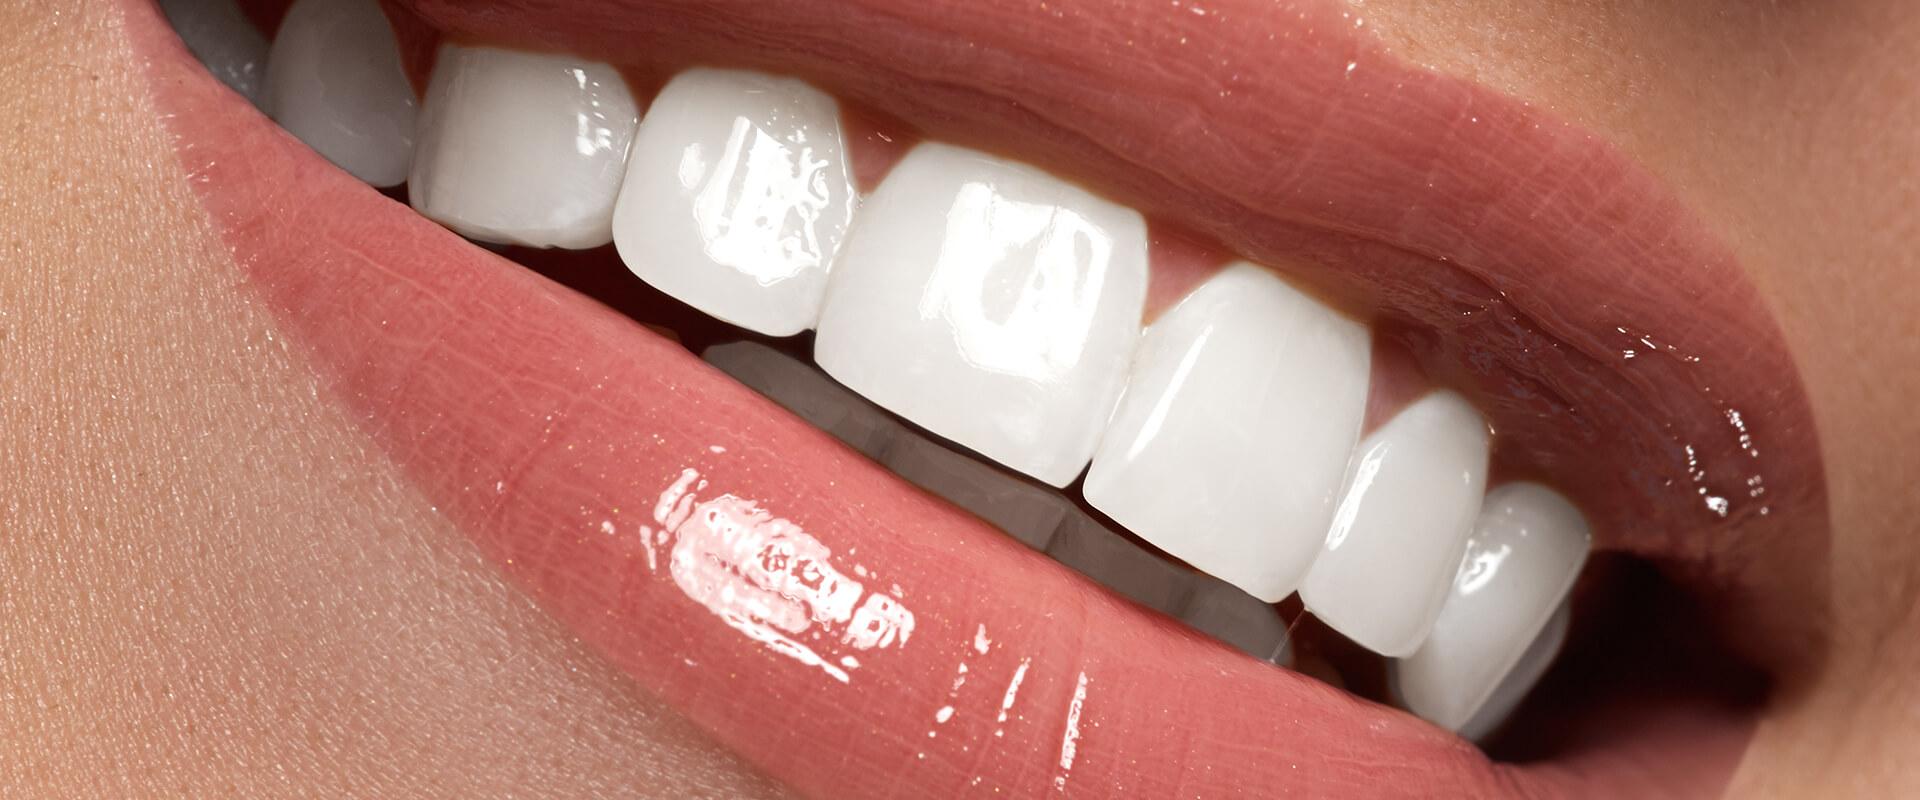 Lentes de Contato Dental e DSD (planejamento digital do sorriso) 9fdd622b89